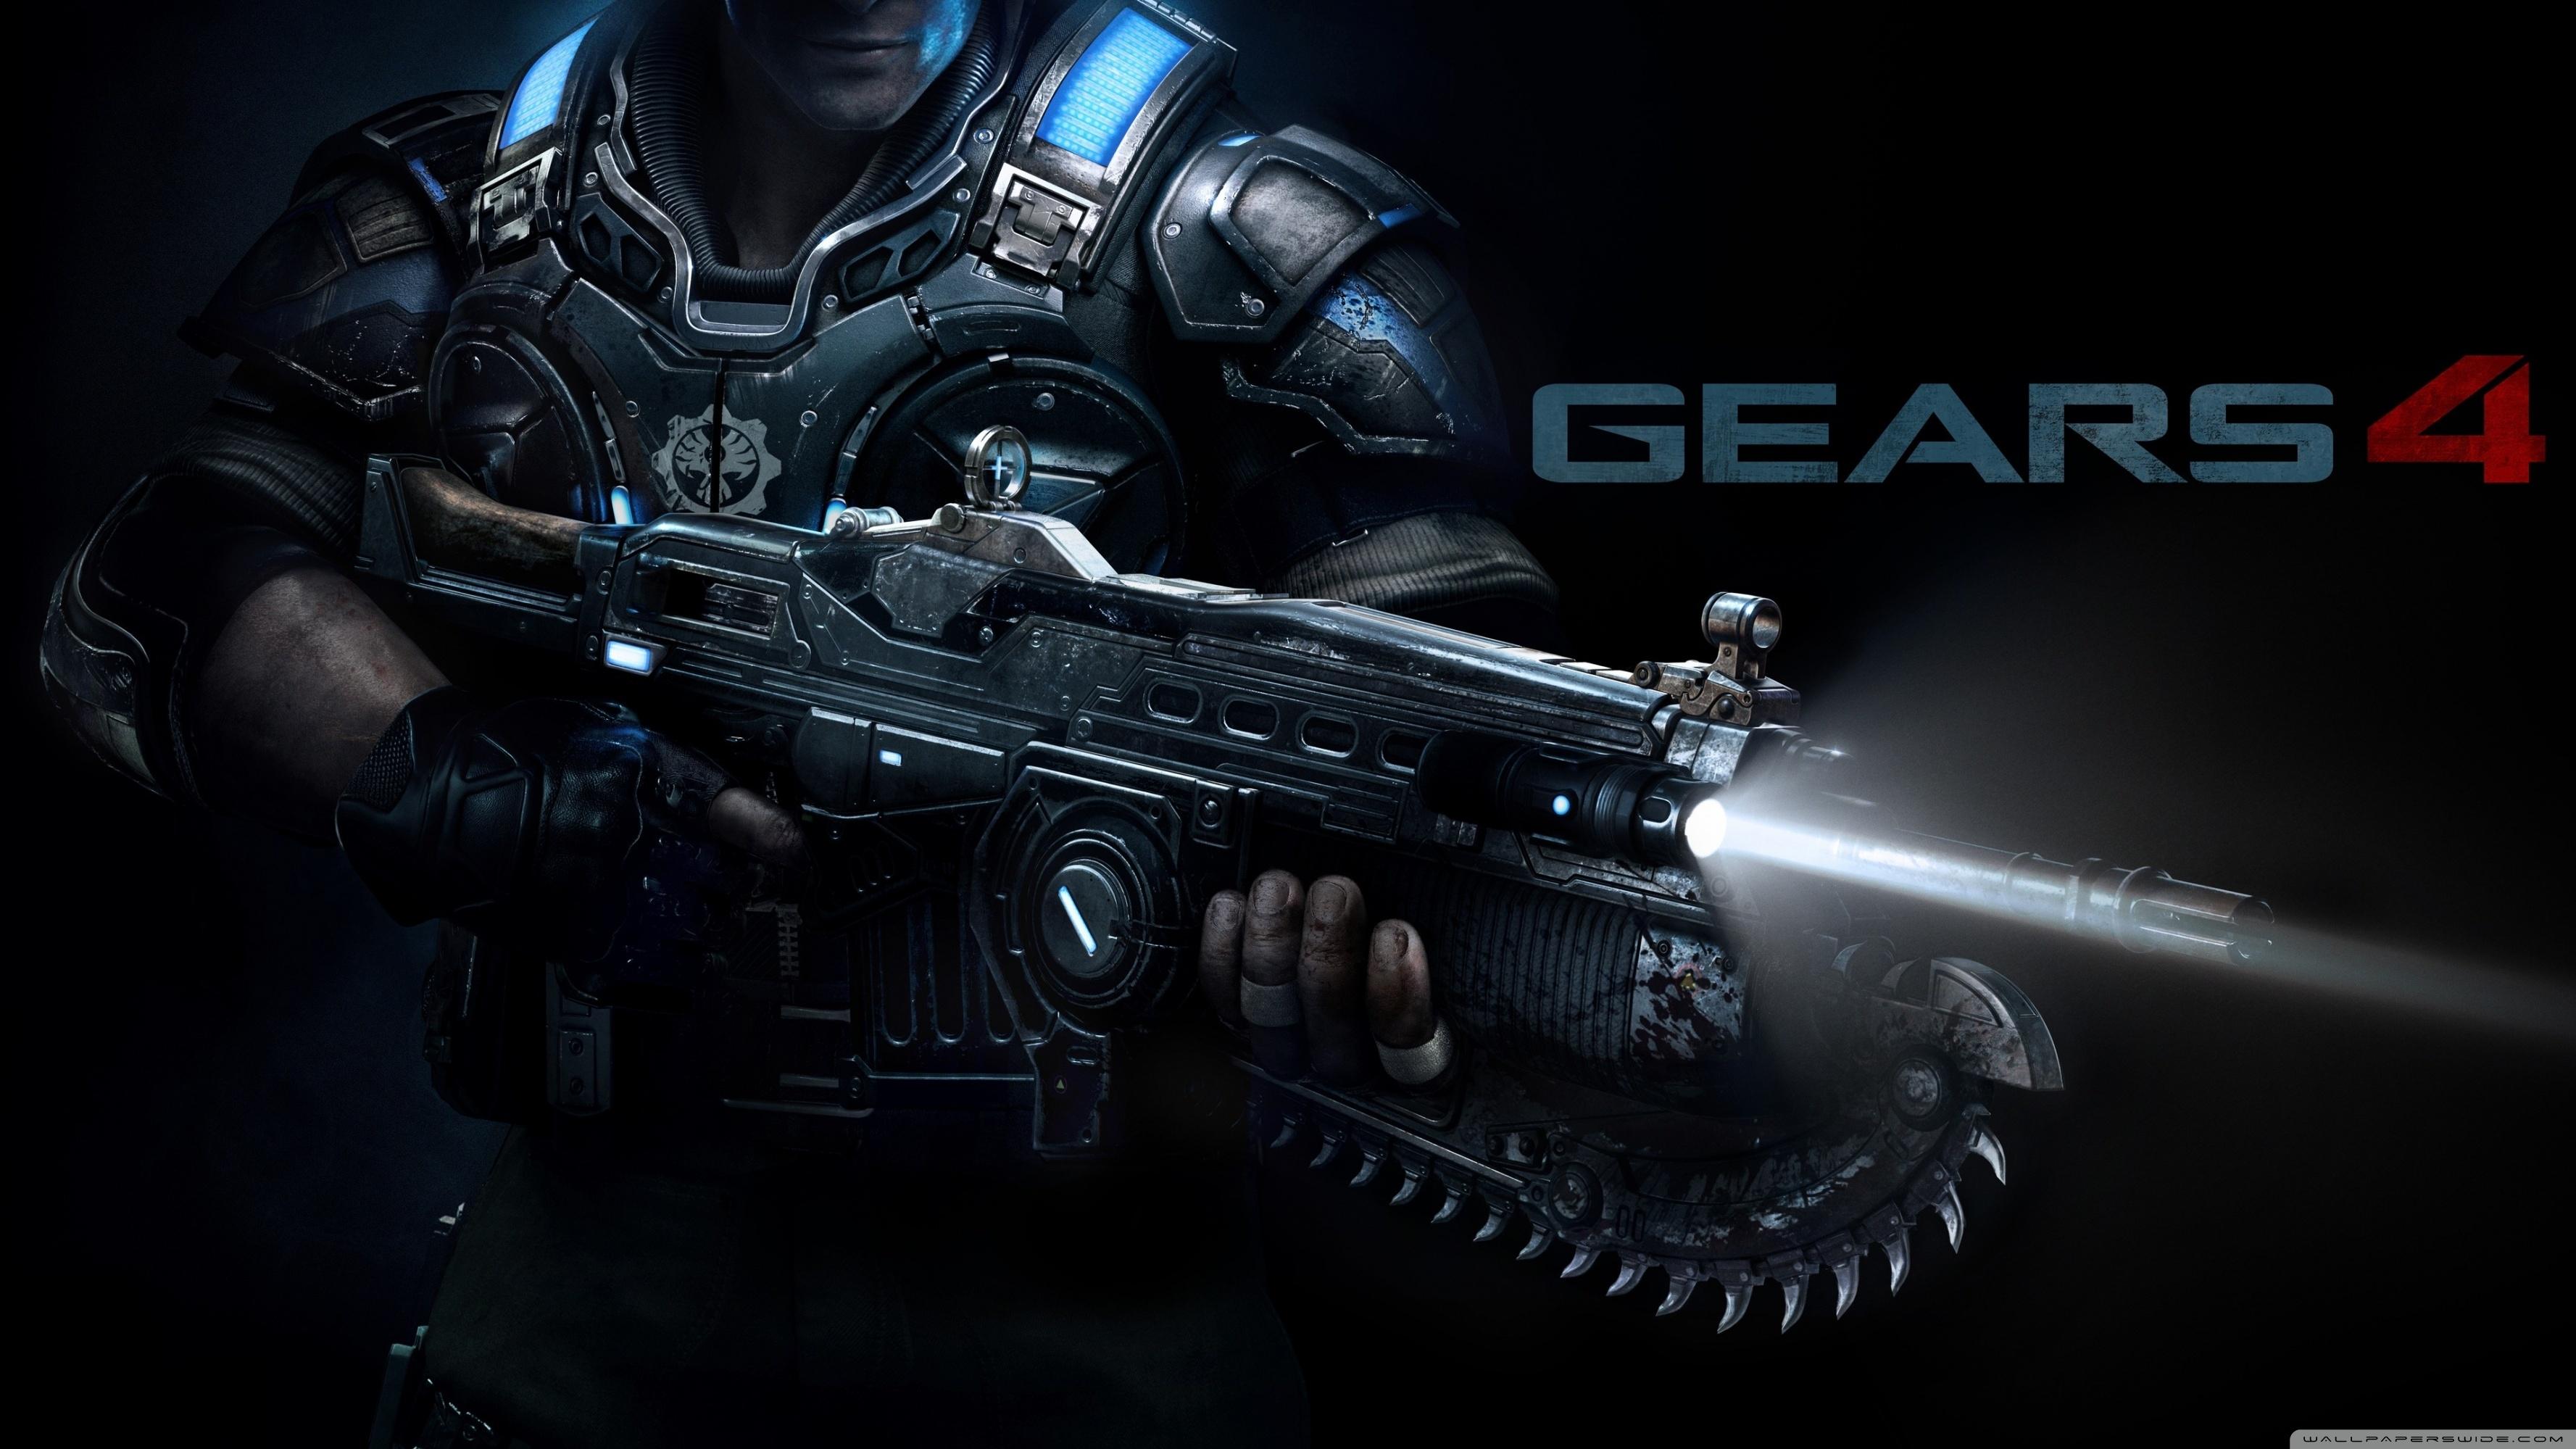 gears of war 4 ❤ 4k hd desktop wallpaper for 4k ultra hd tv • wide